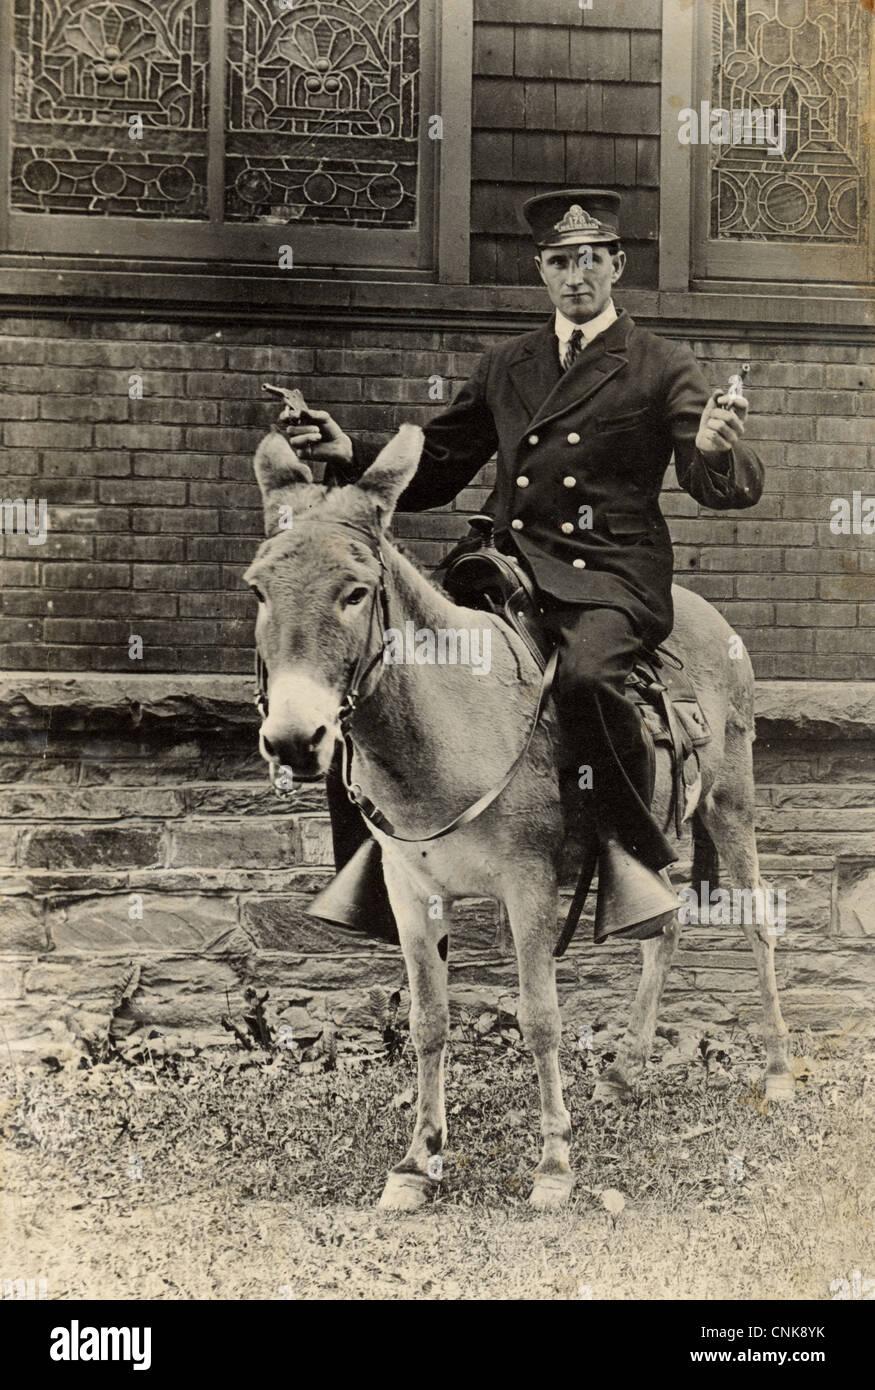 Heavily Armed Motorman Riding a Donkey - Stock Image